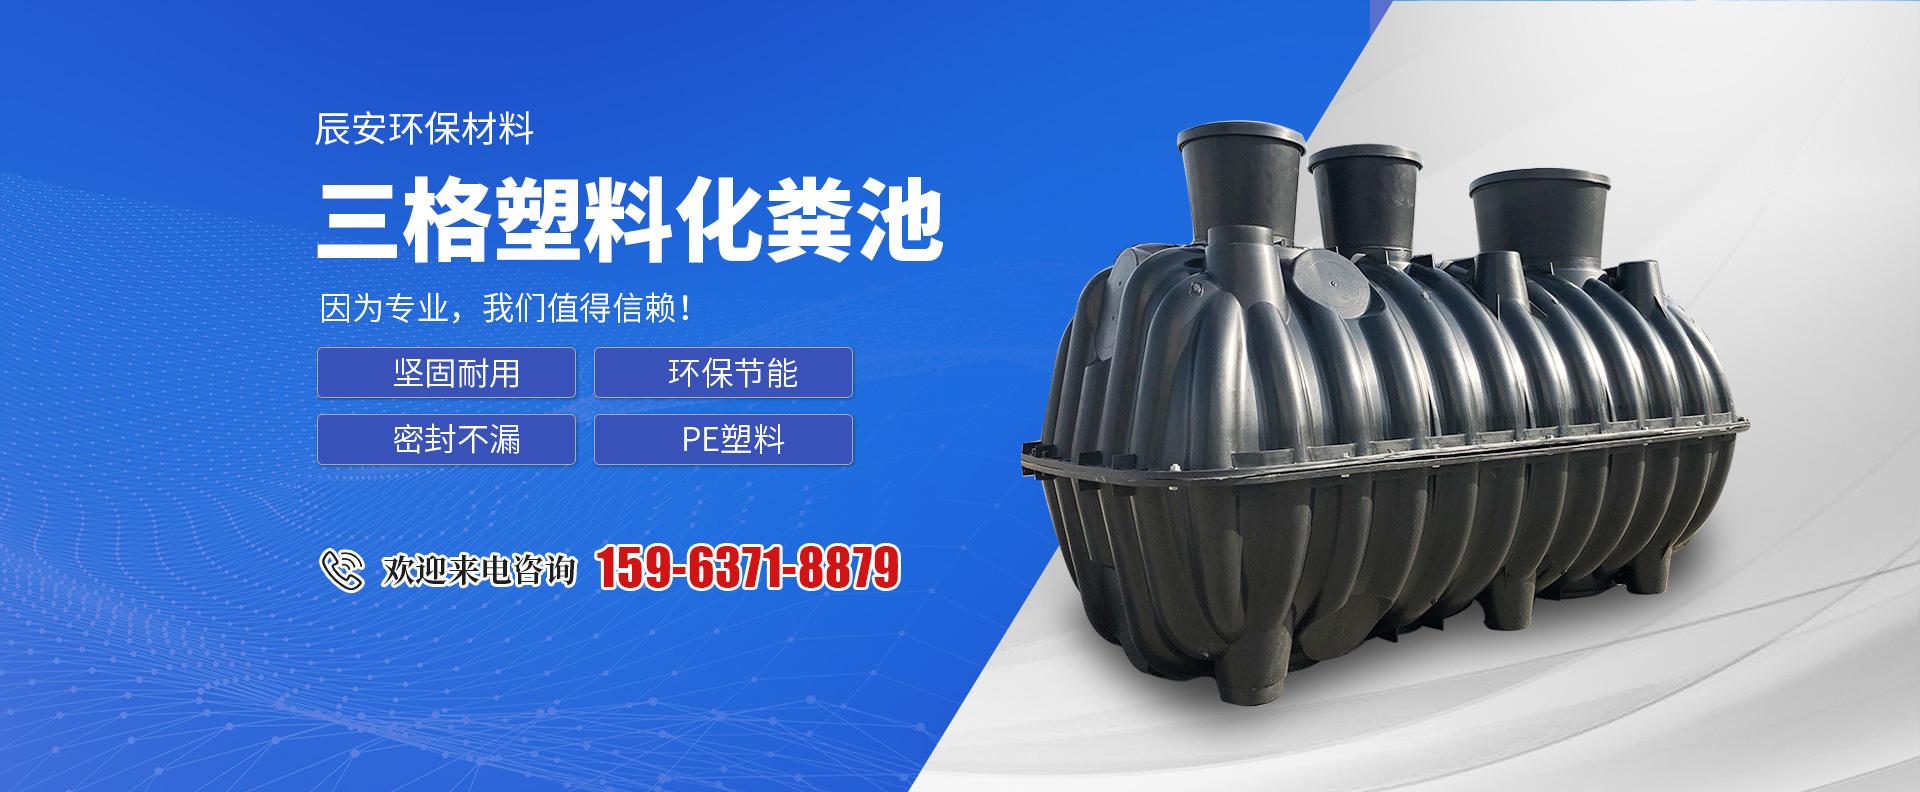 济宁市辰安环保材料有限公司